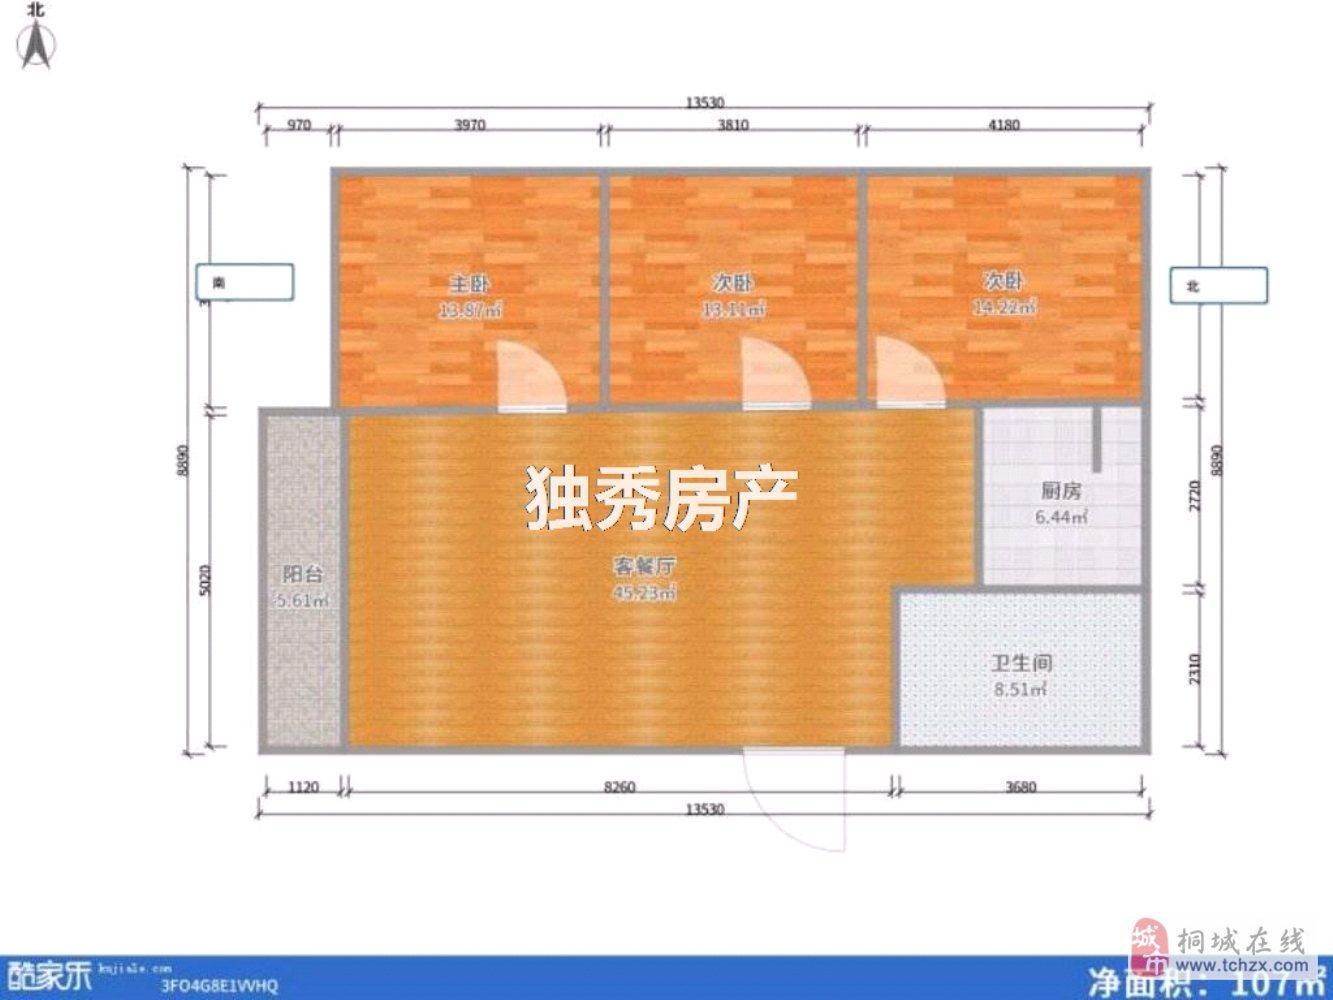 出售阅城国际精装房3室2厅1卫75万元近学校